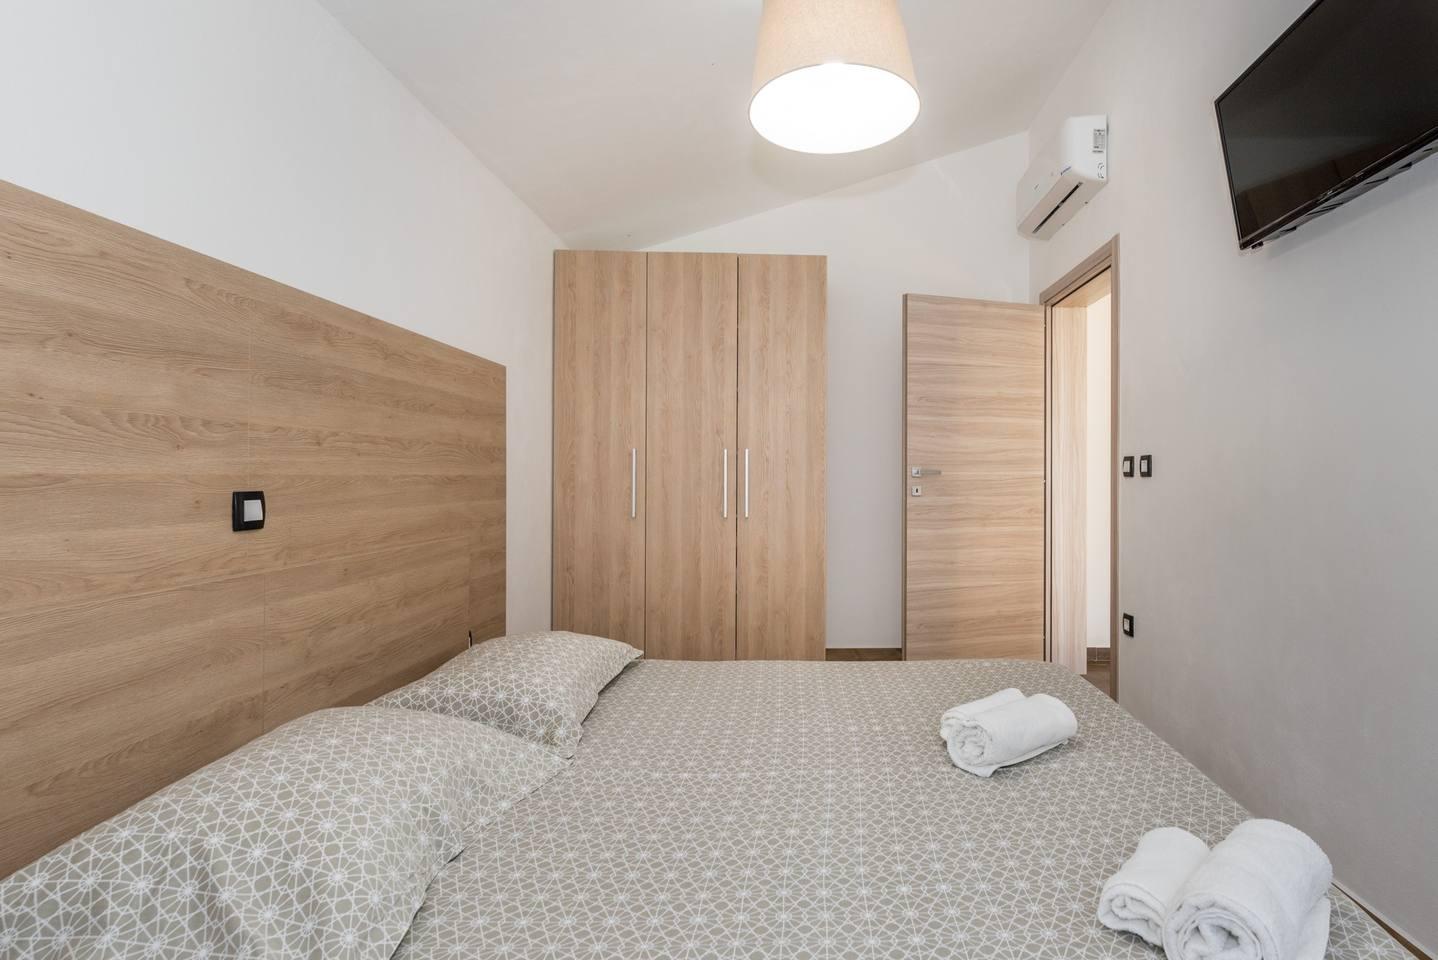 Apartment Villa in Zartinj photo 16921201